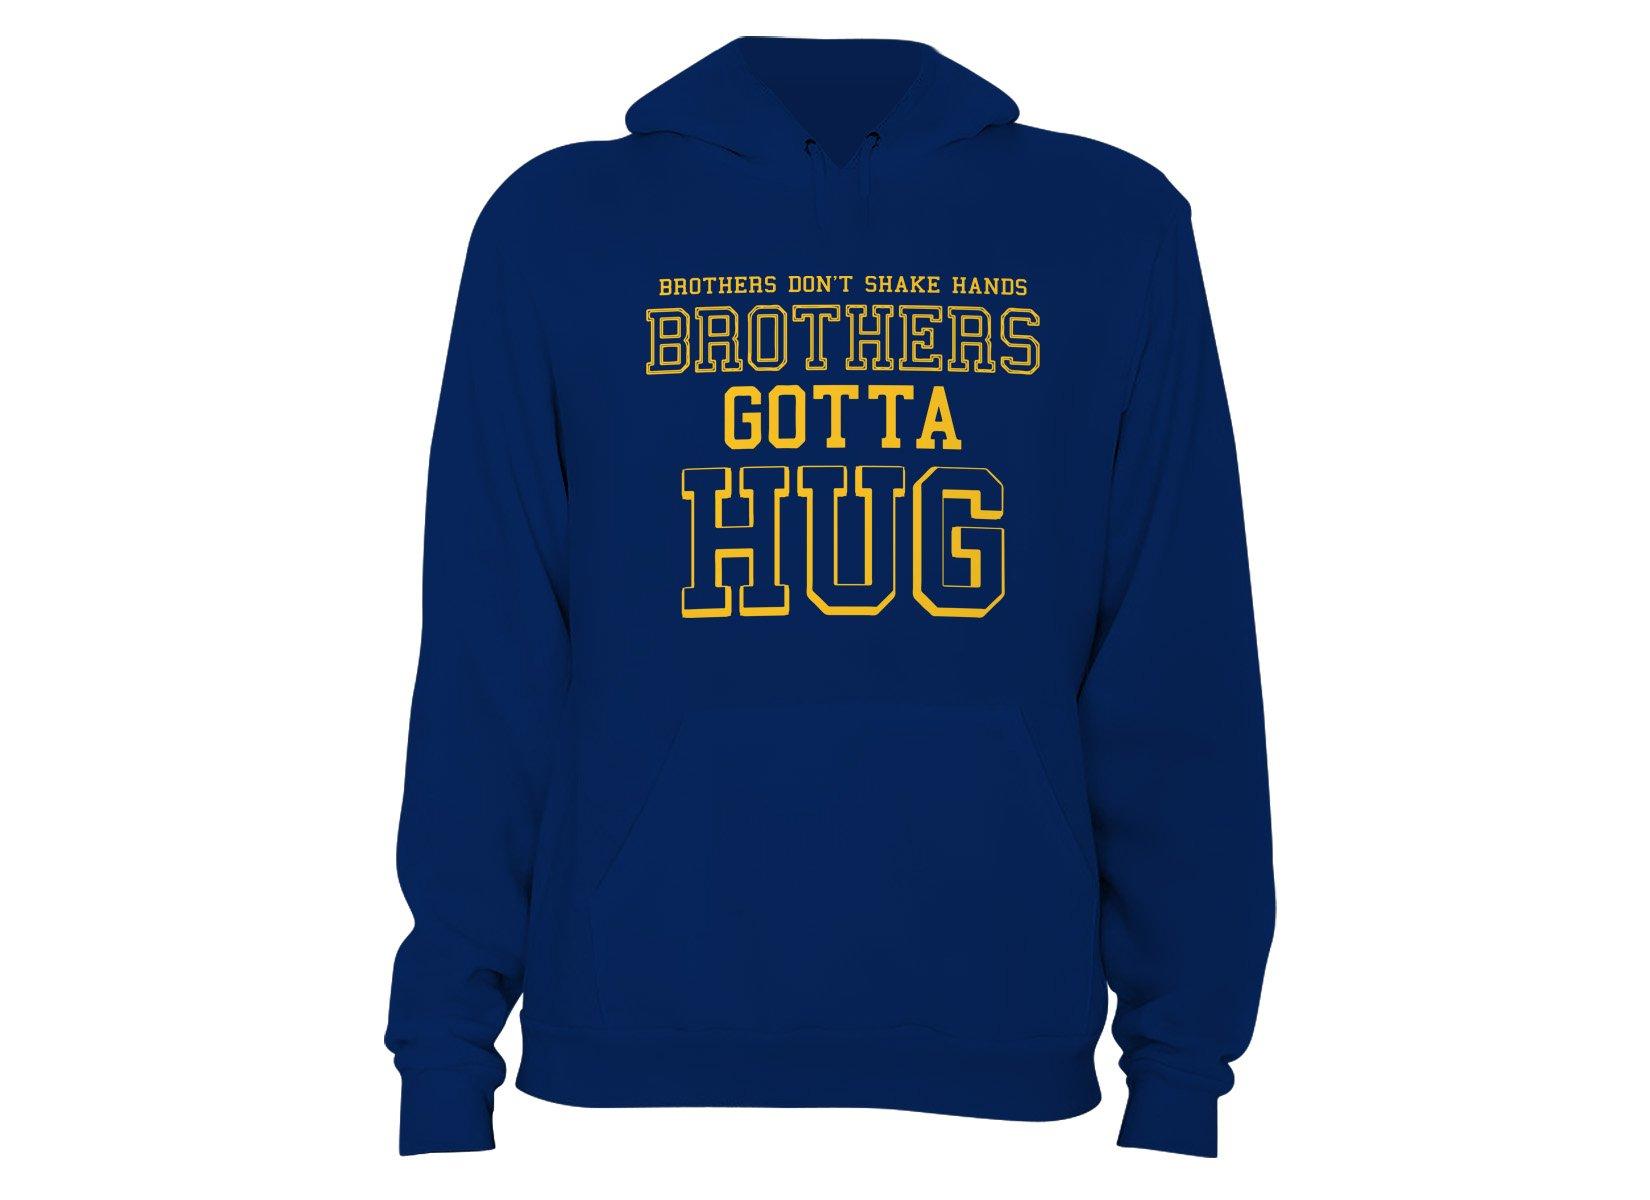 Brothers Gotta Hug on Hoodie